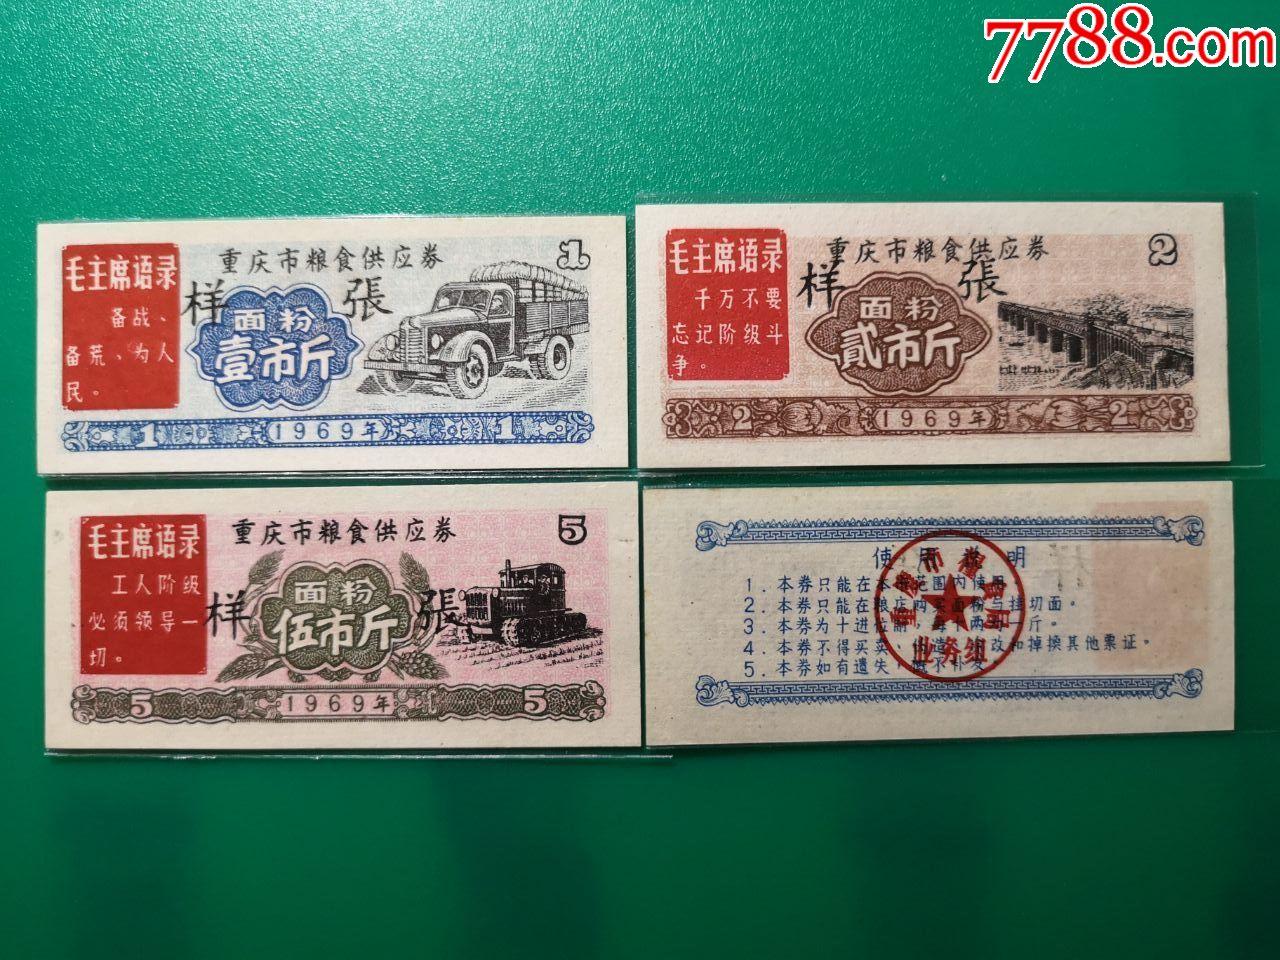 """1969年重�c市�Z食供��券""""面粉""""《���》3全套另送一枚共4枚稀少票(se68634439)_"""